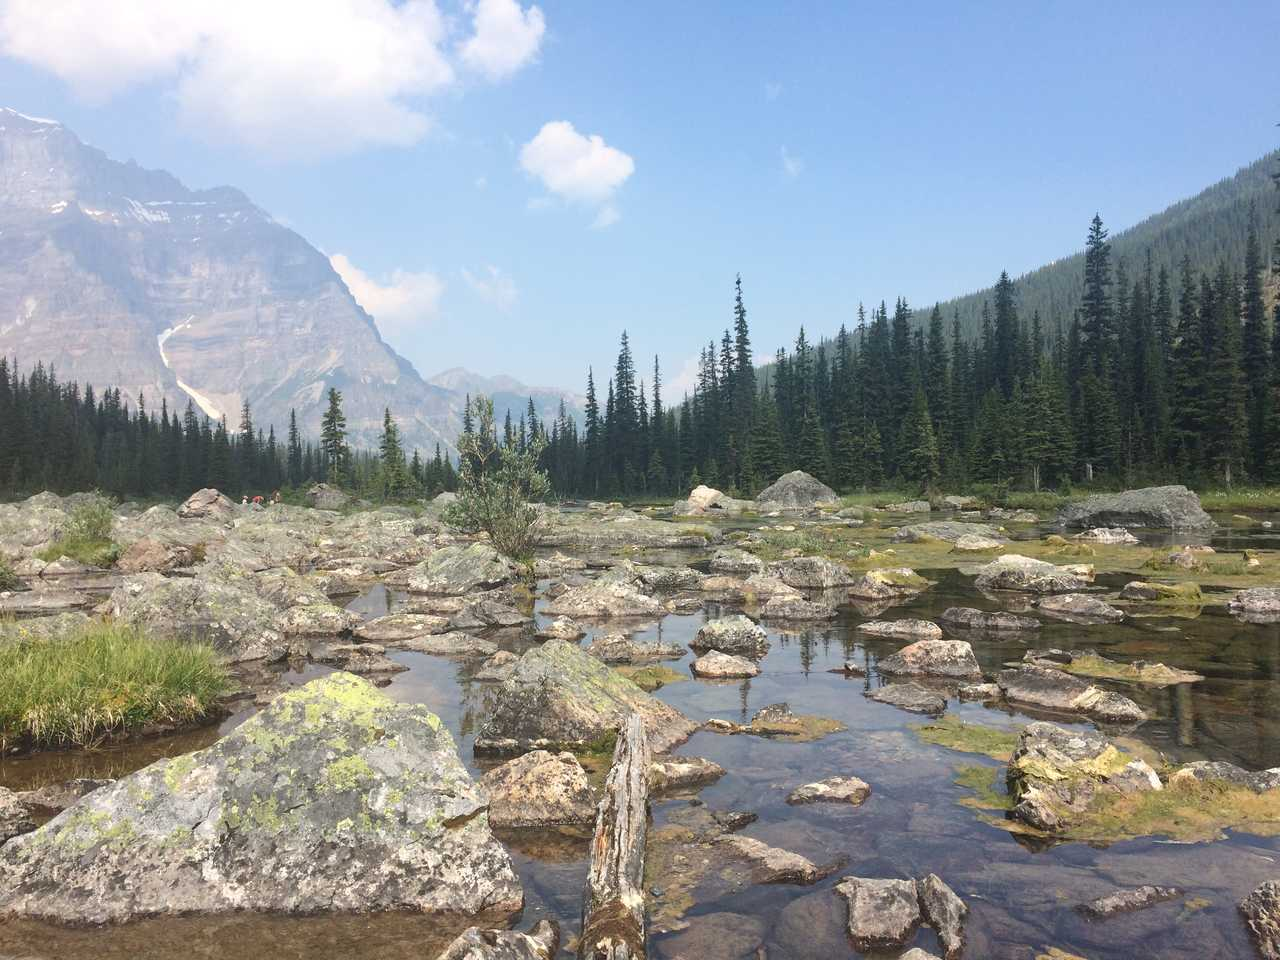 Paysage du parc de Banff au Canada